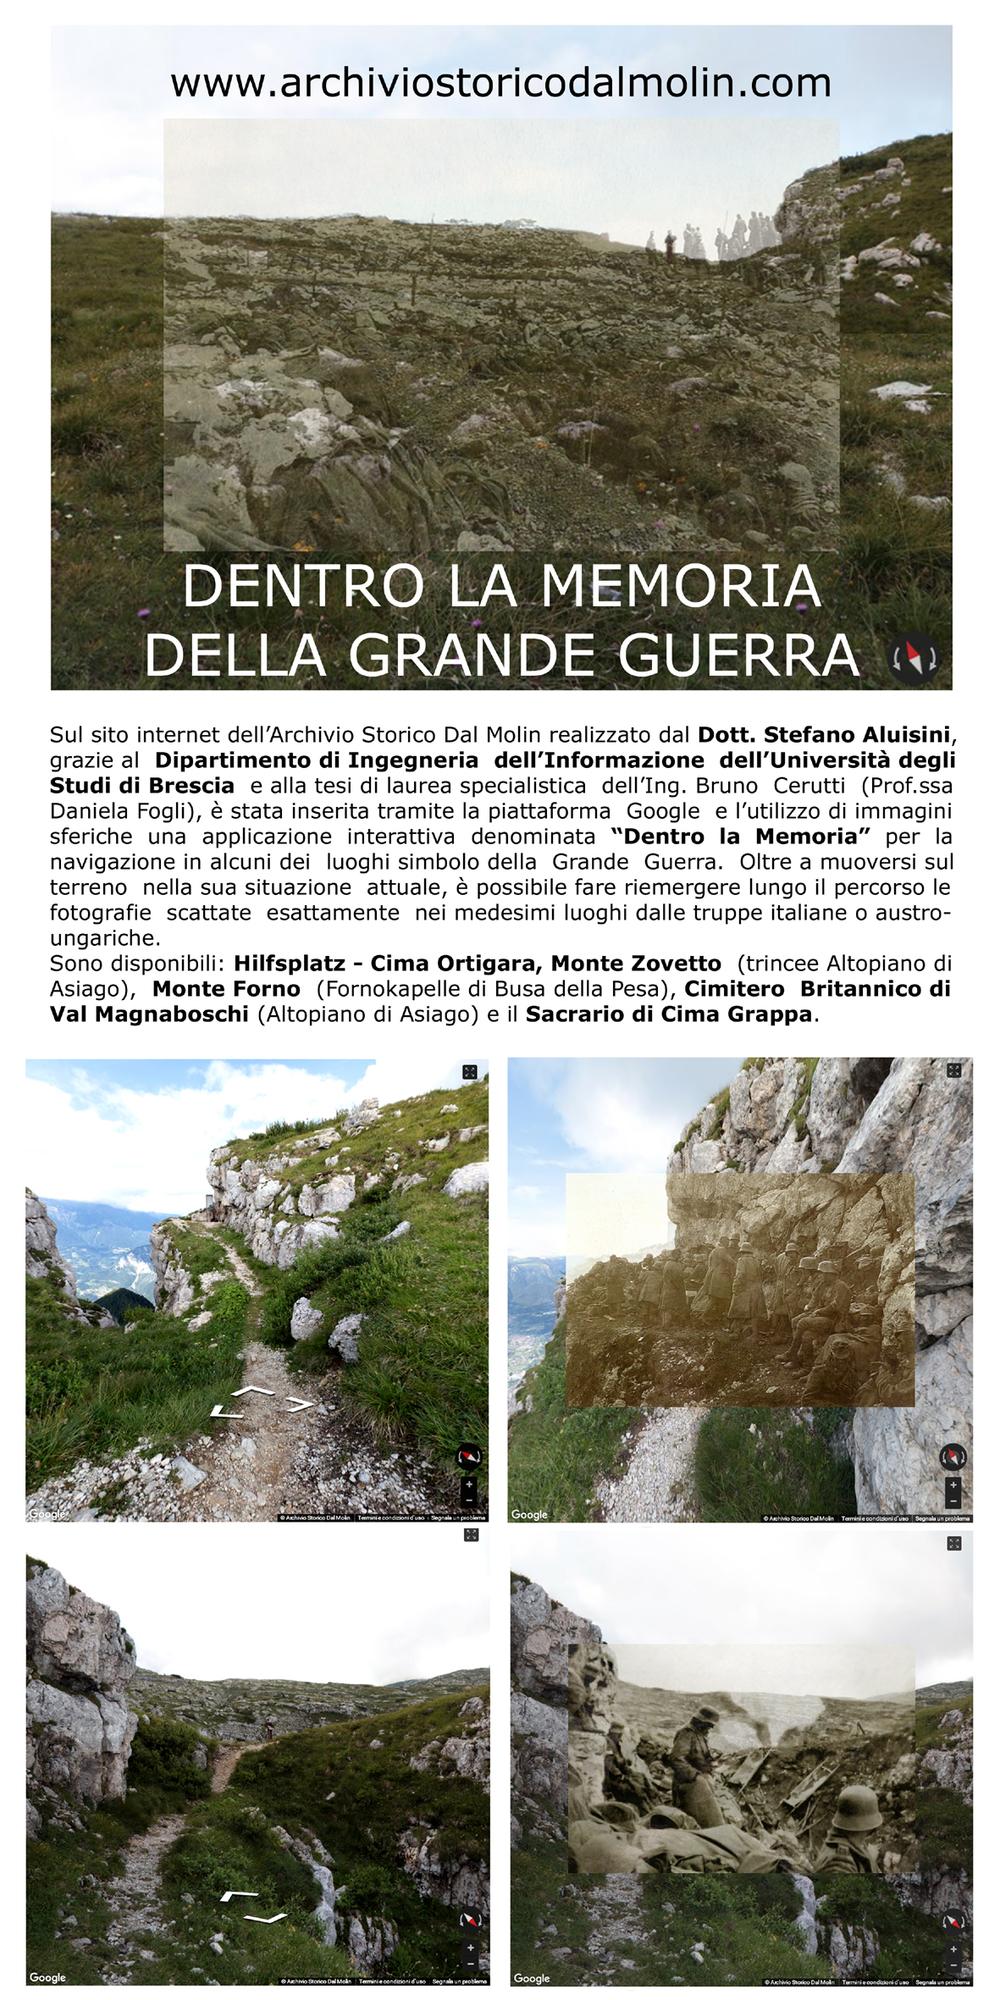 pannello DENTRO LA MEMORIA  definitivo2.JPG